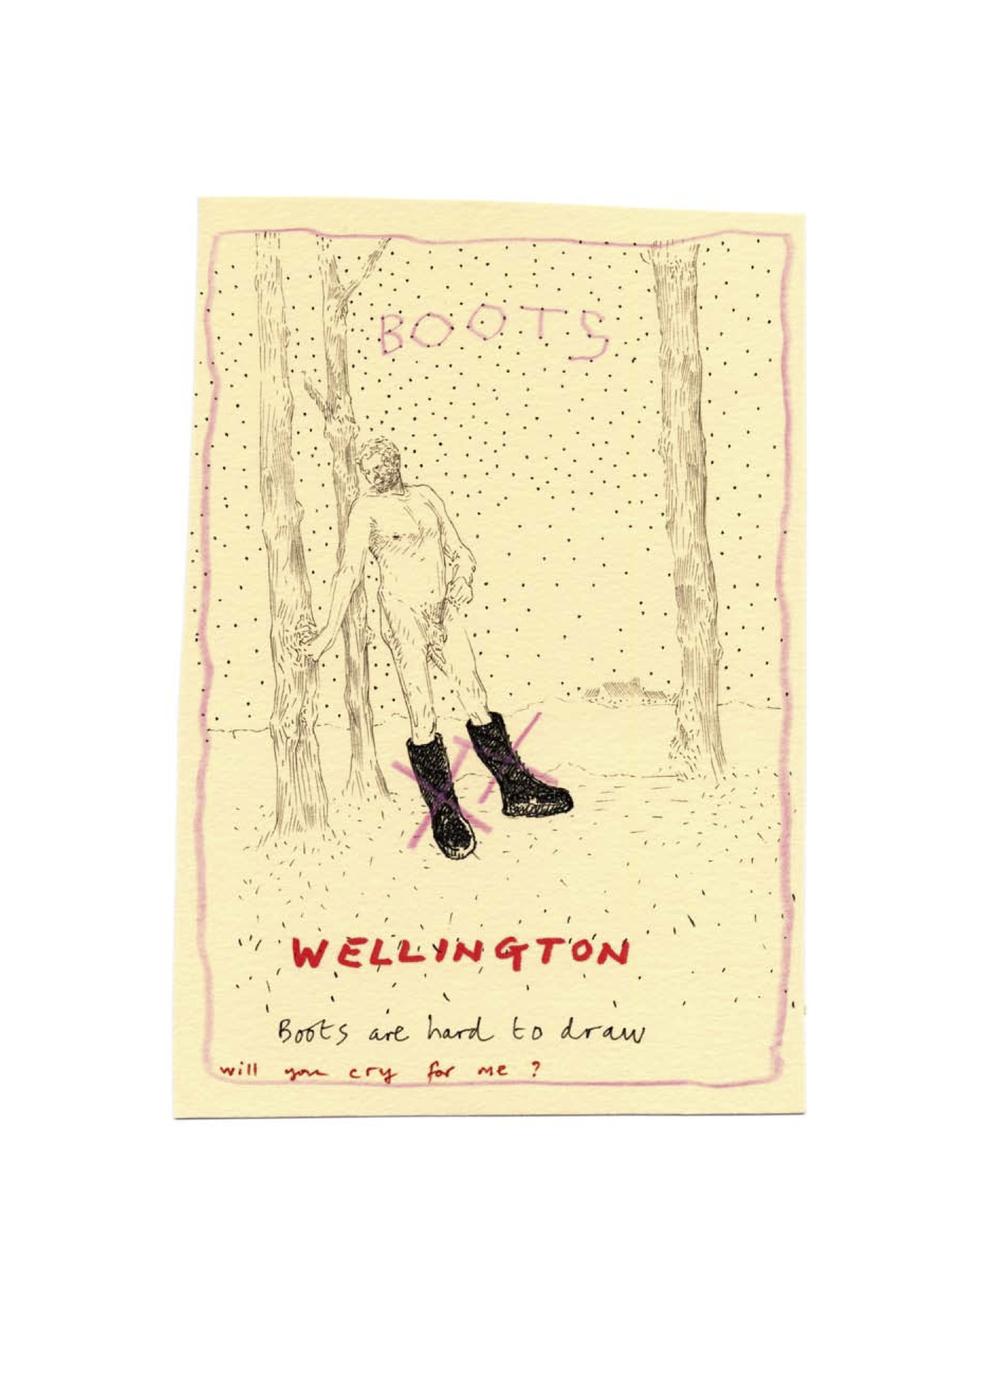 Les bottes Wellington sont difficiles à dessiner. Pleureras-tu pour moi?